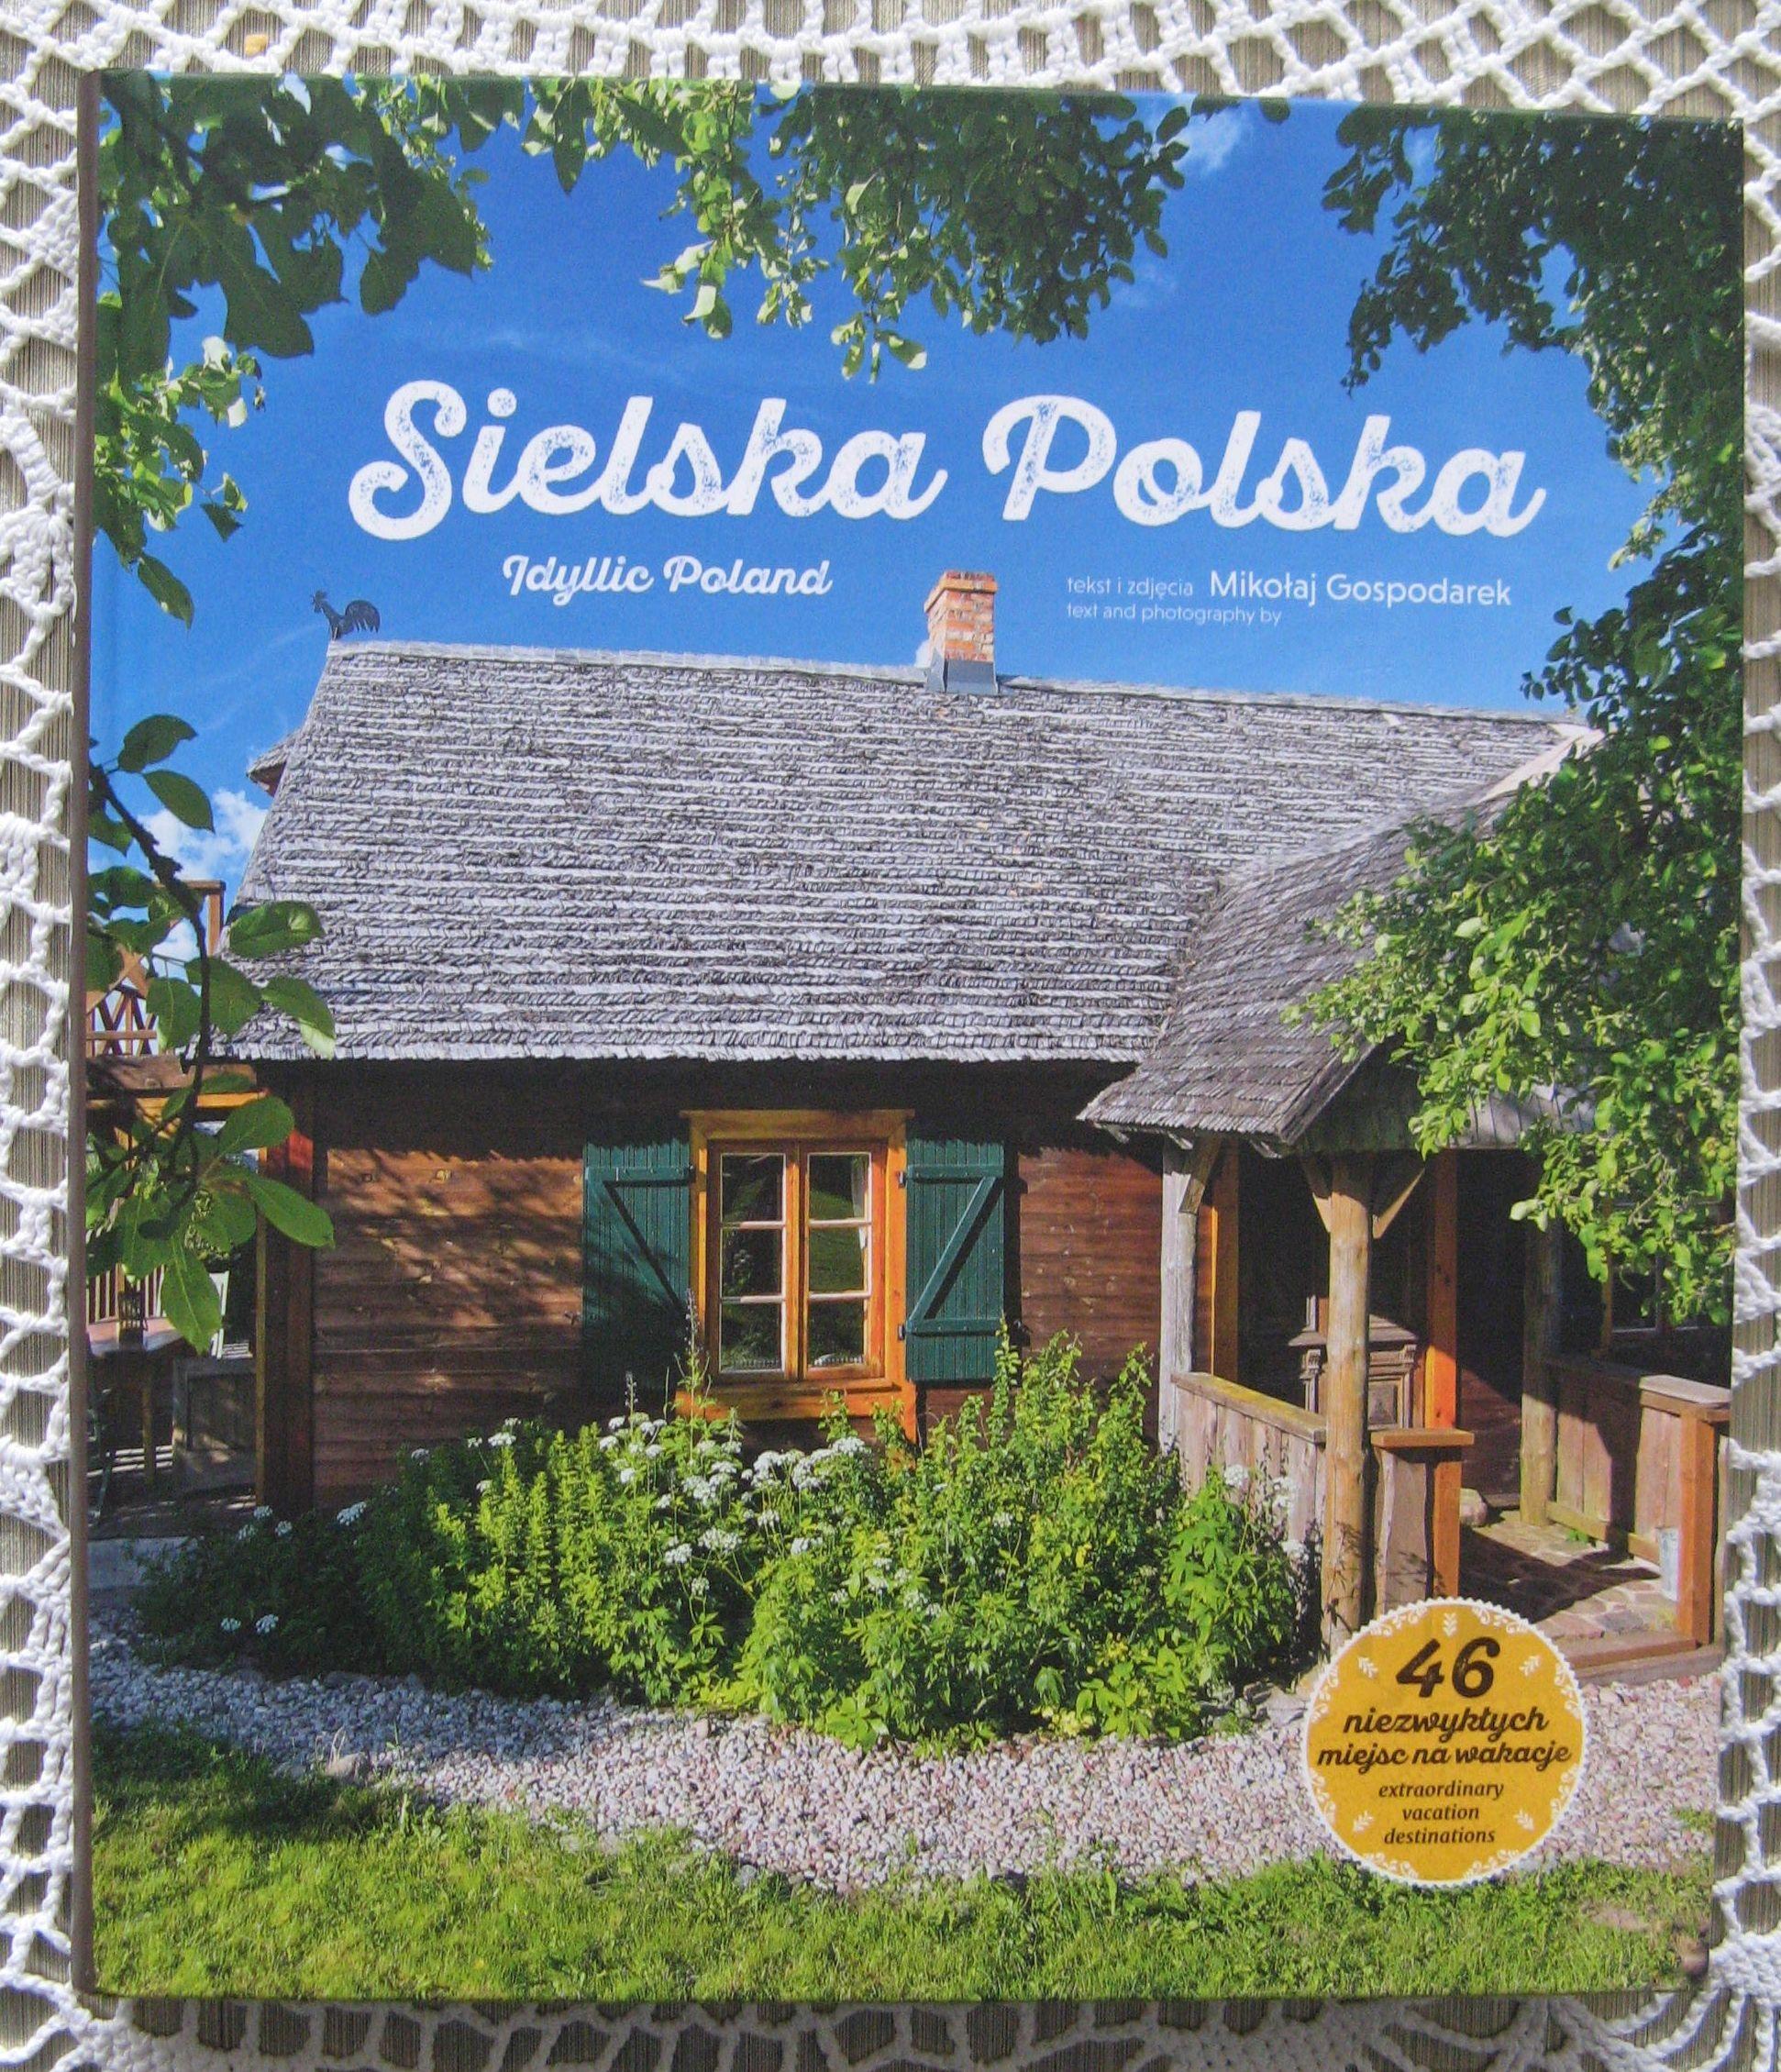 Sielska Polska. Mikołaj Gospodarek. Piękny album